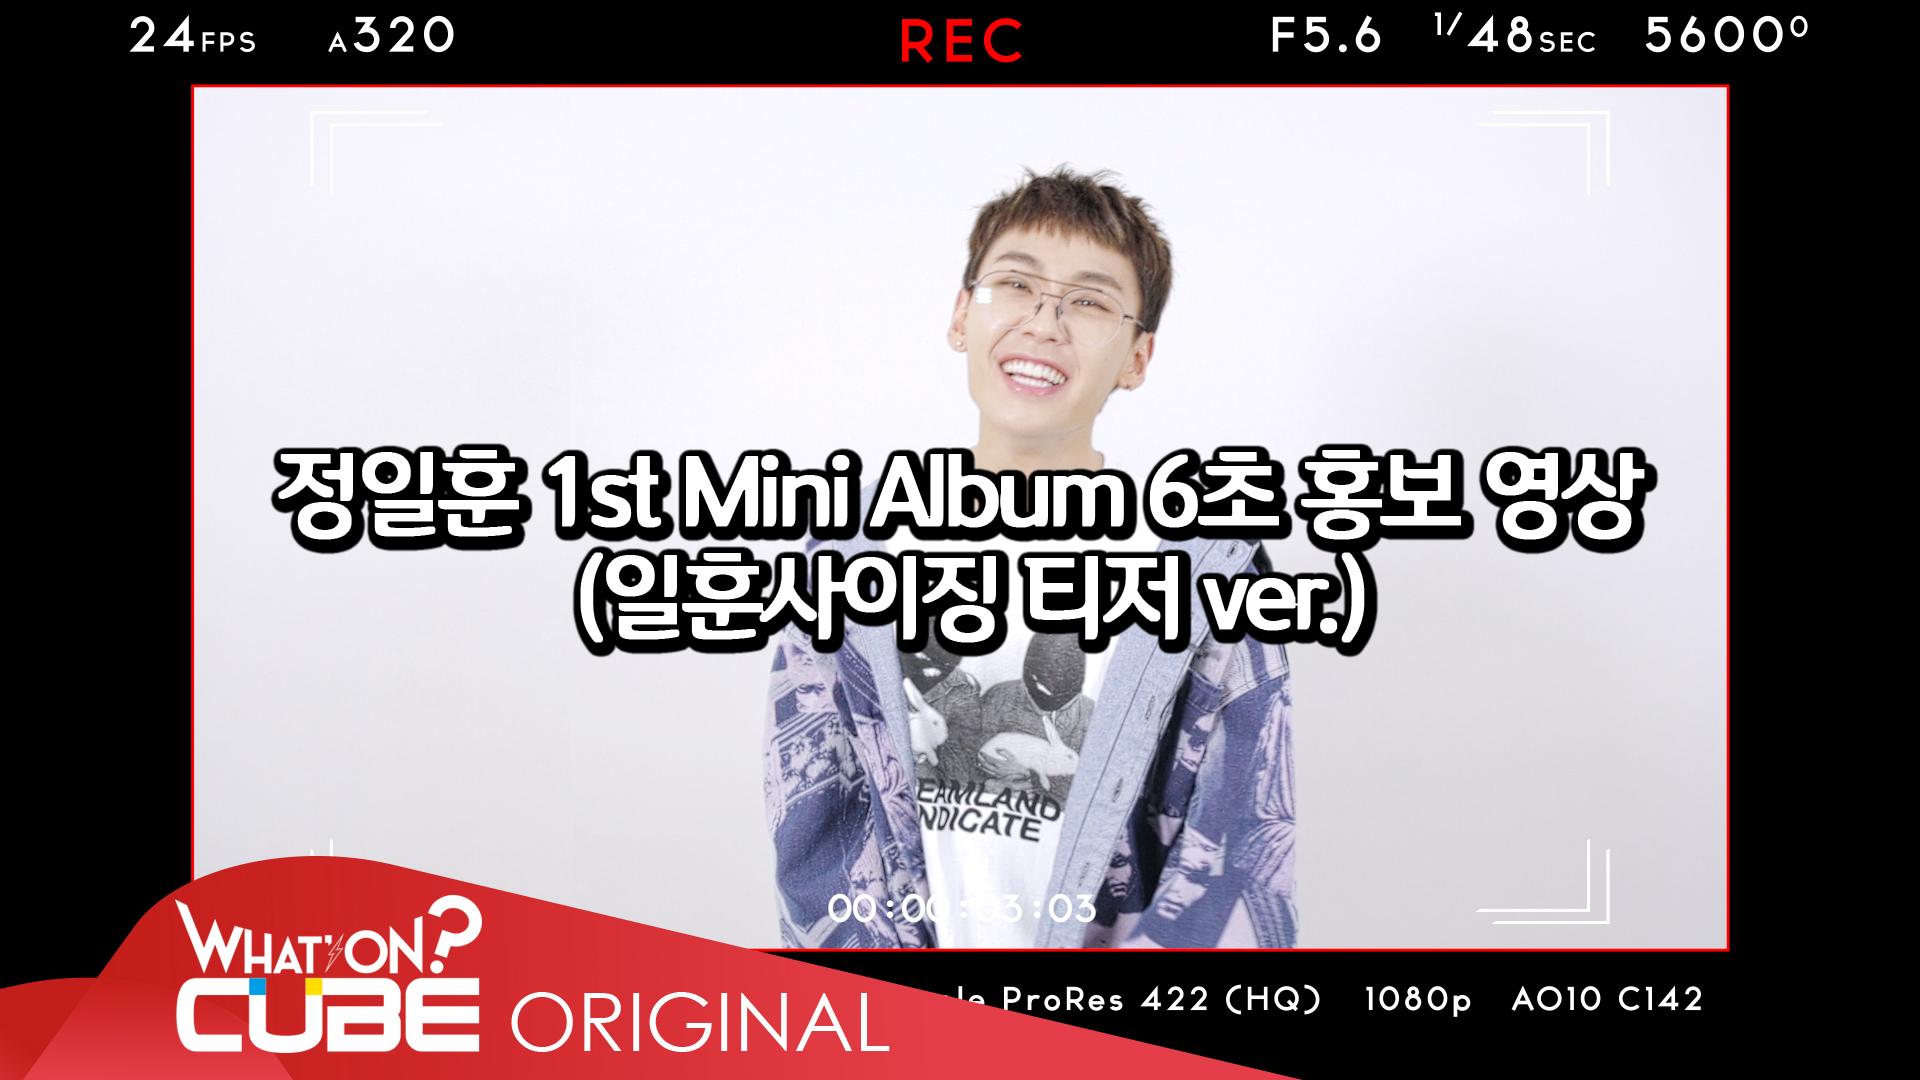 정일훈 - 1st Mini Album 6초 홍보 영상 (일훈사이징 티저 ver.)